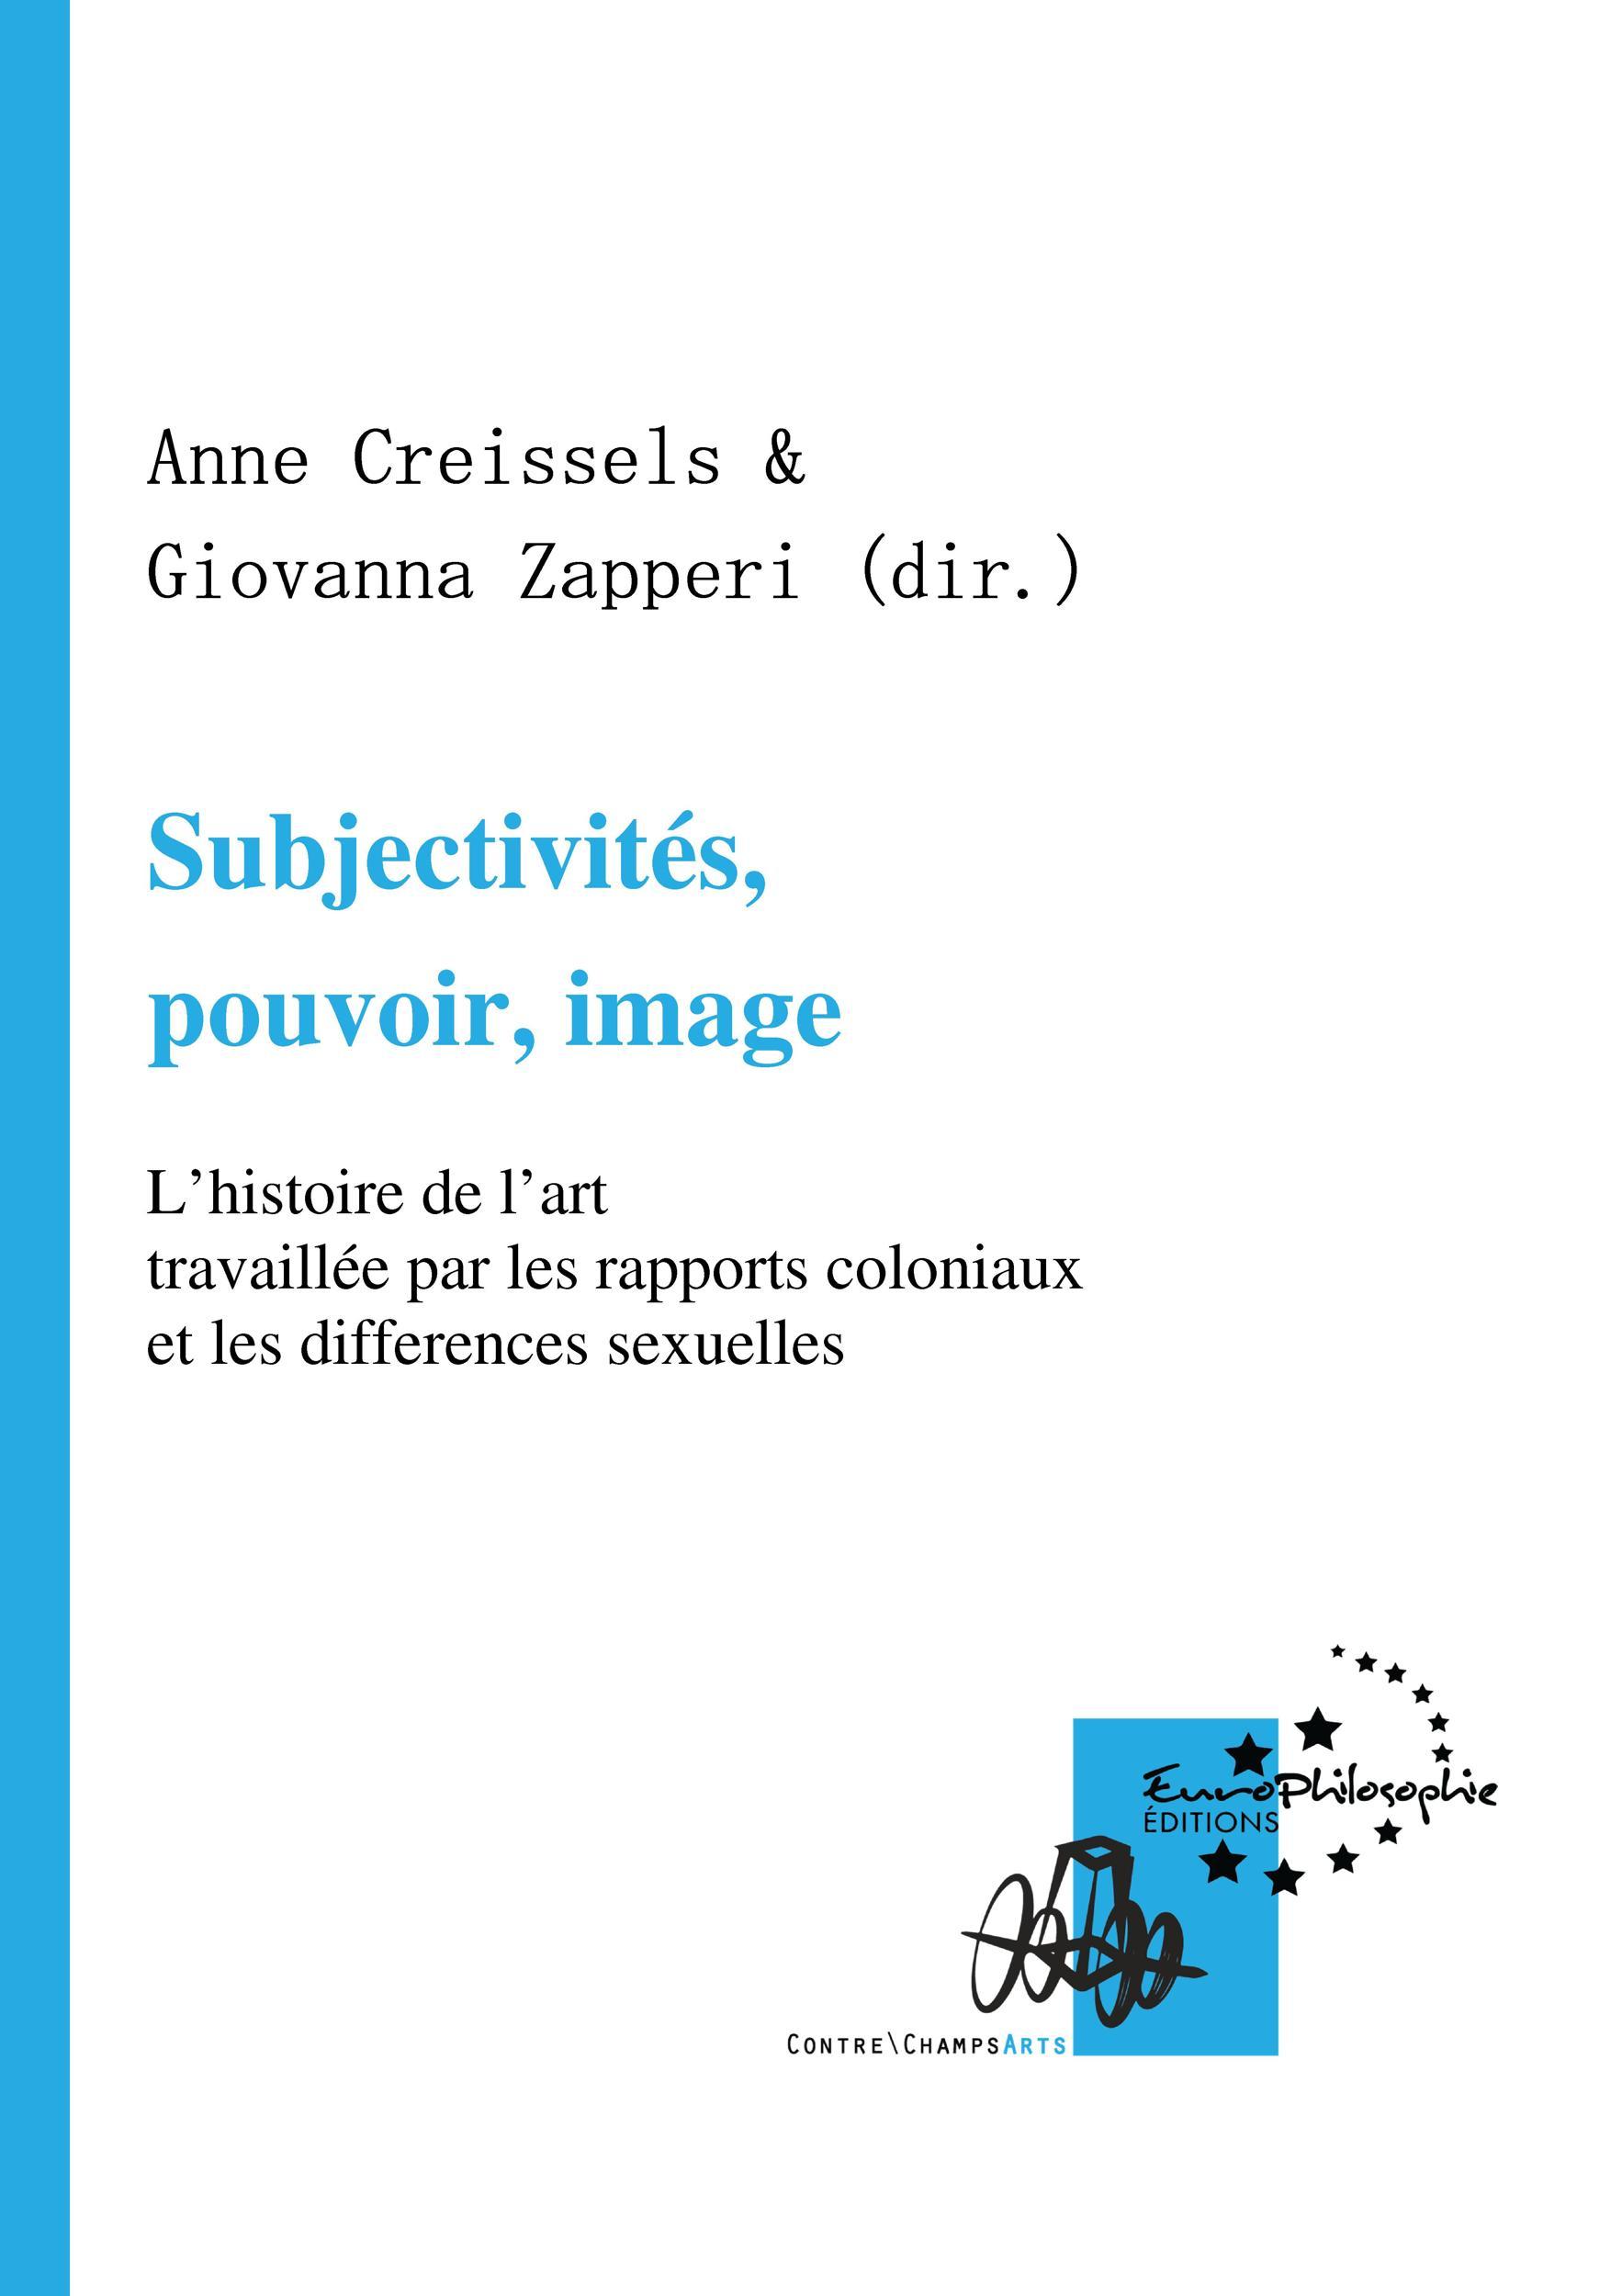 Subjectivités, pouvoir, image, L'HISTOIRE DE L'ART TRAVAILLÉE PAR LES RAPPORTS COLONIAUX ET LES DIFFÉRENCES SEXUELLES